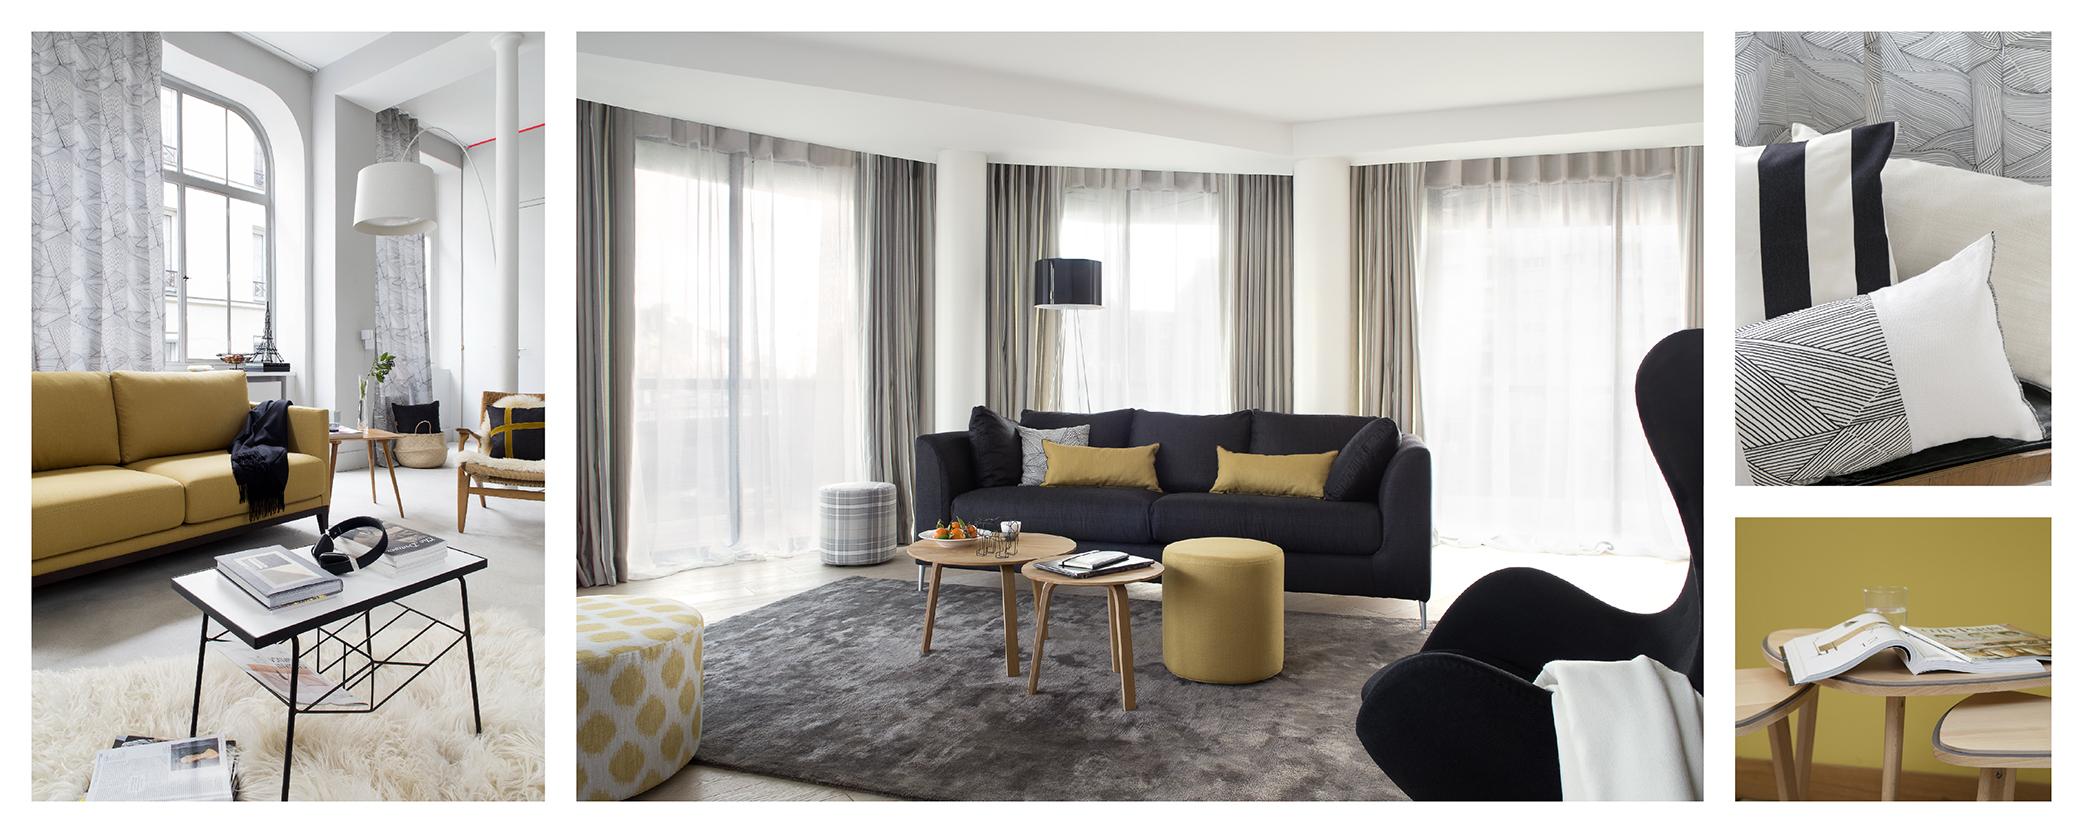 sch n einrichten wir machen rund um sch ne einrichtung. Black Bedroom Furniture Sets. Home Design Ideas